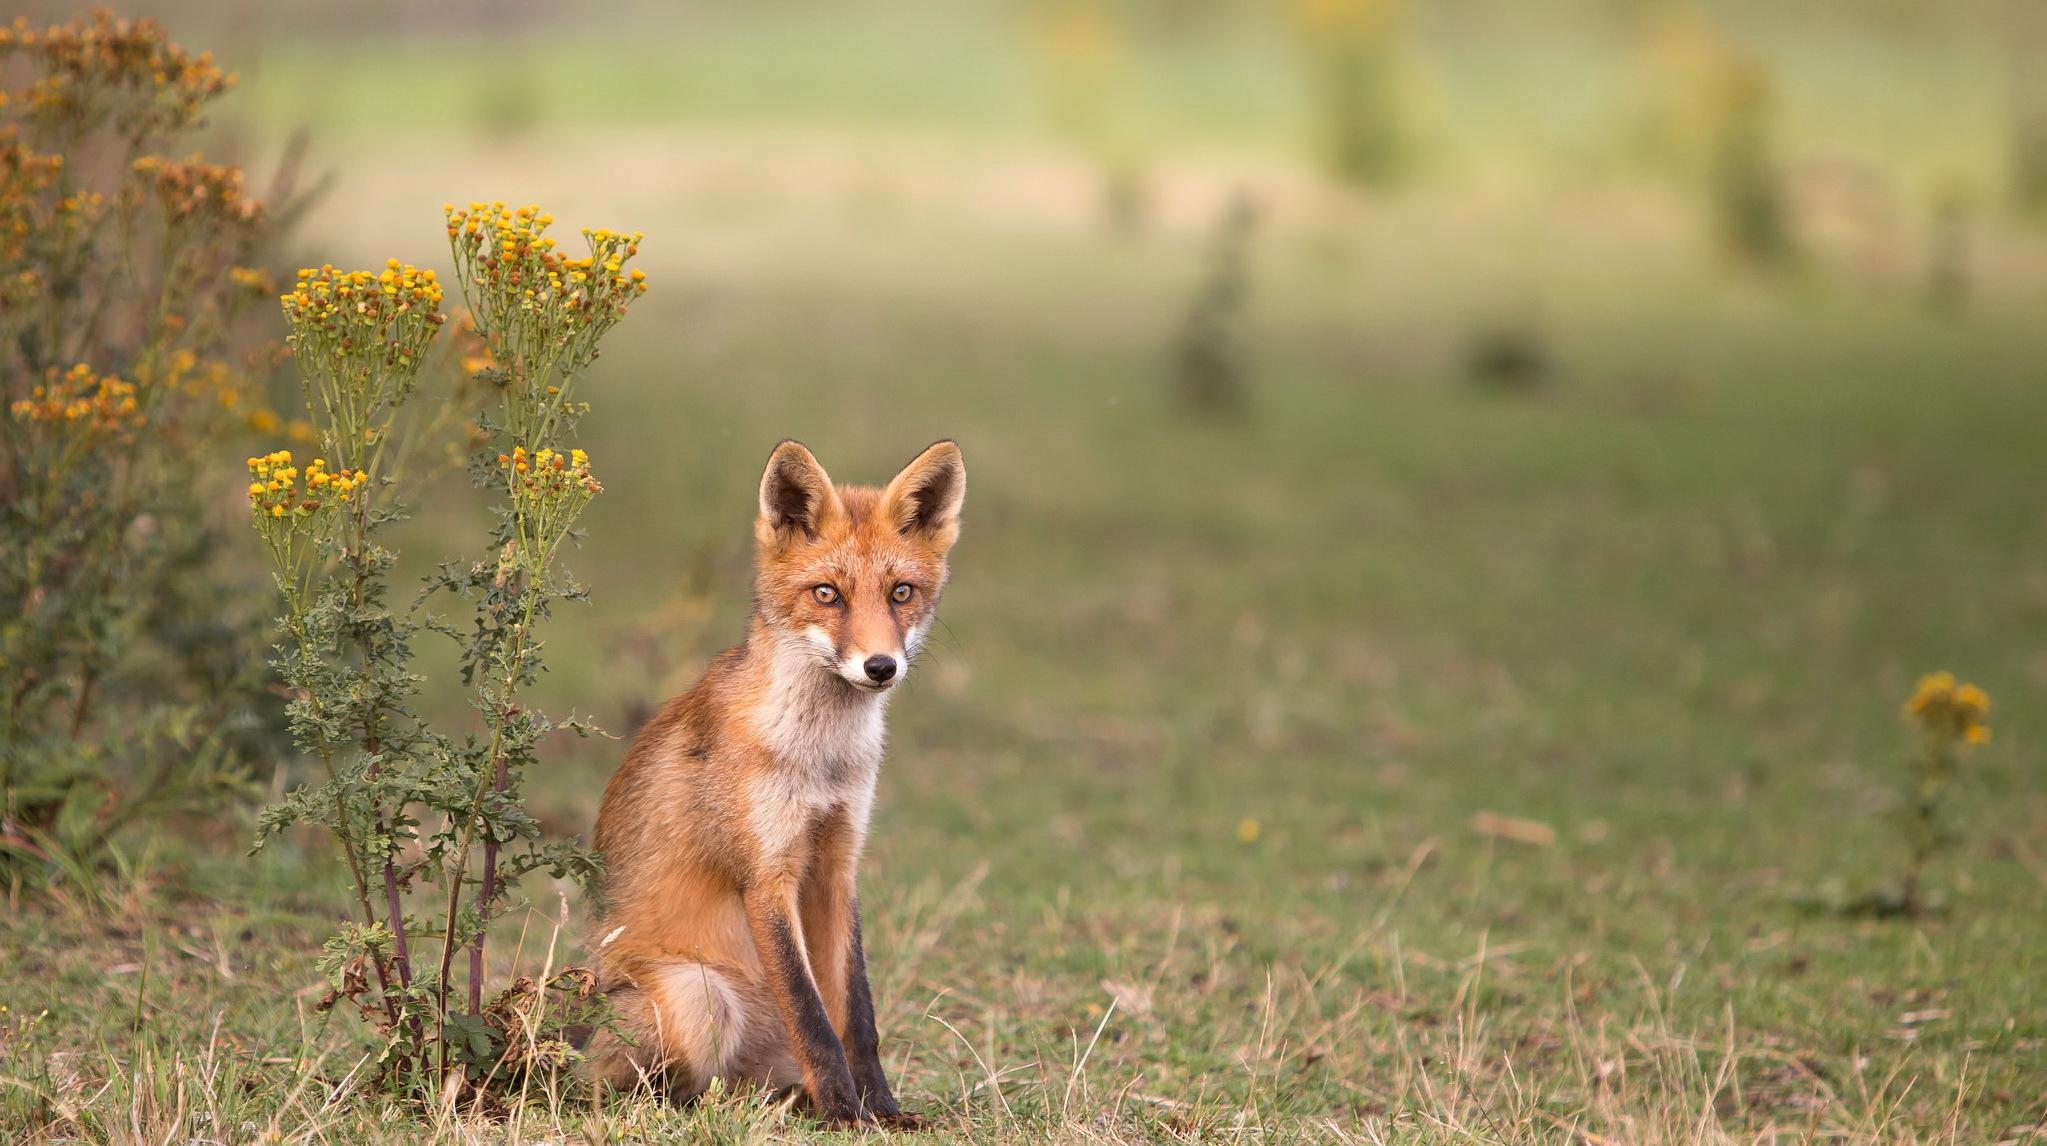 картинки лисы в лесу летом летних блузок для